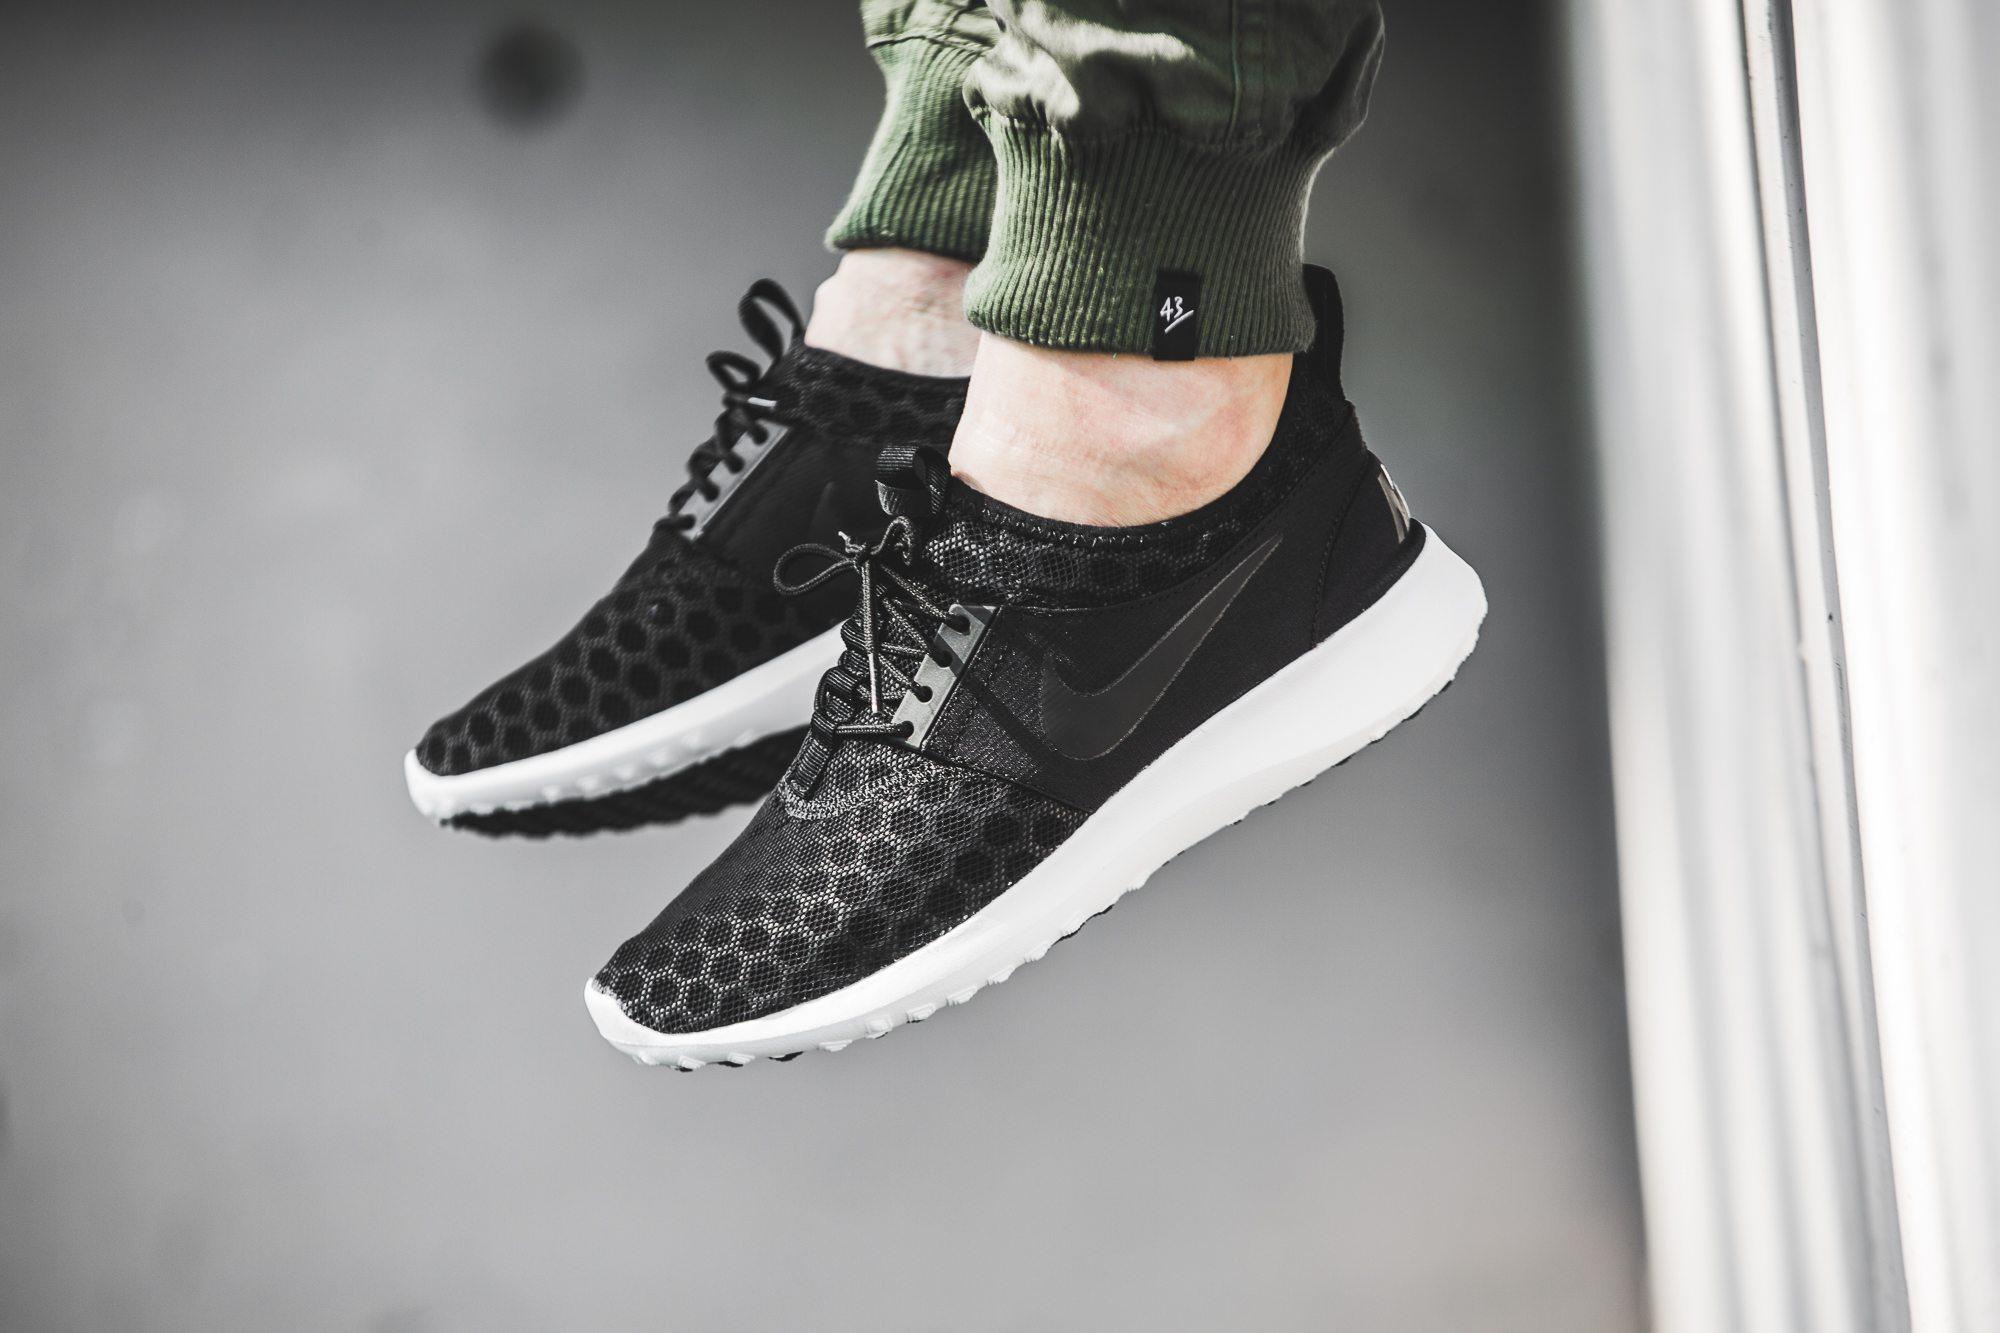 43einhalb-x-AGPOS-Nike-Juvenate-2.jpg